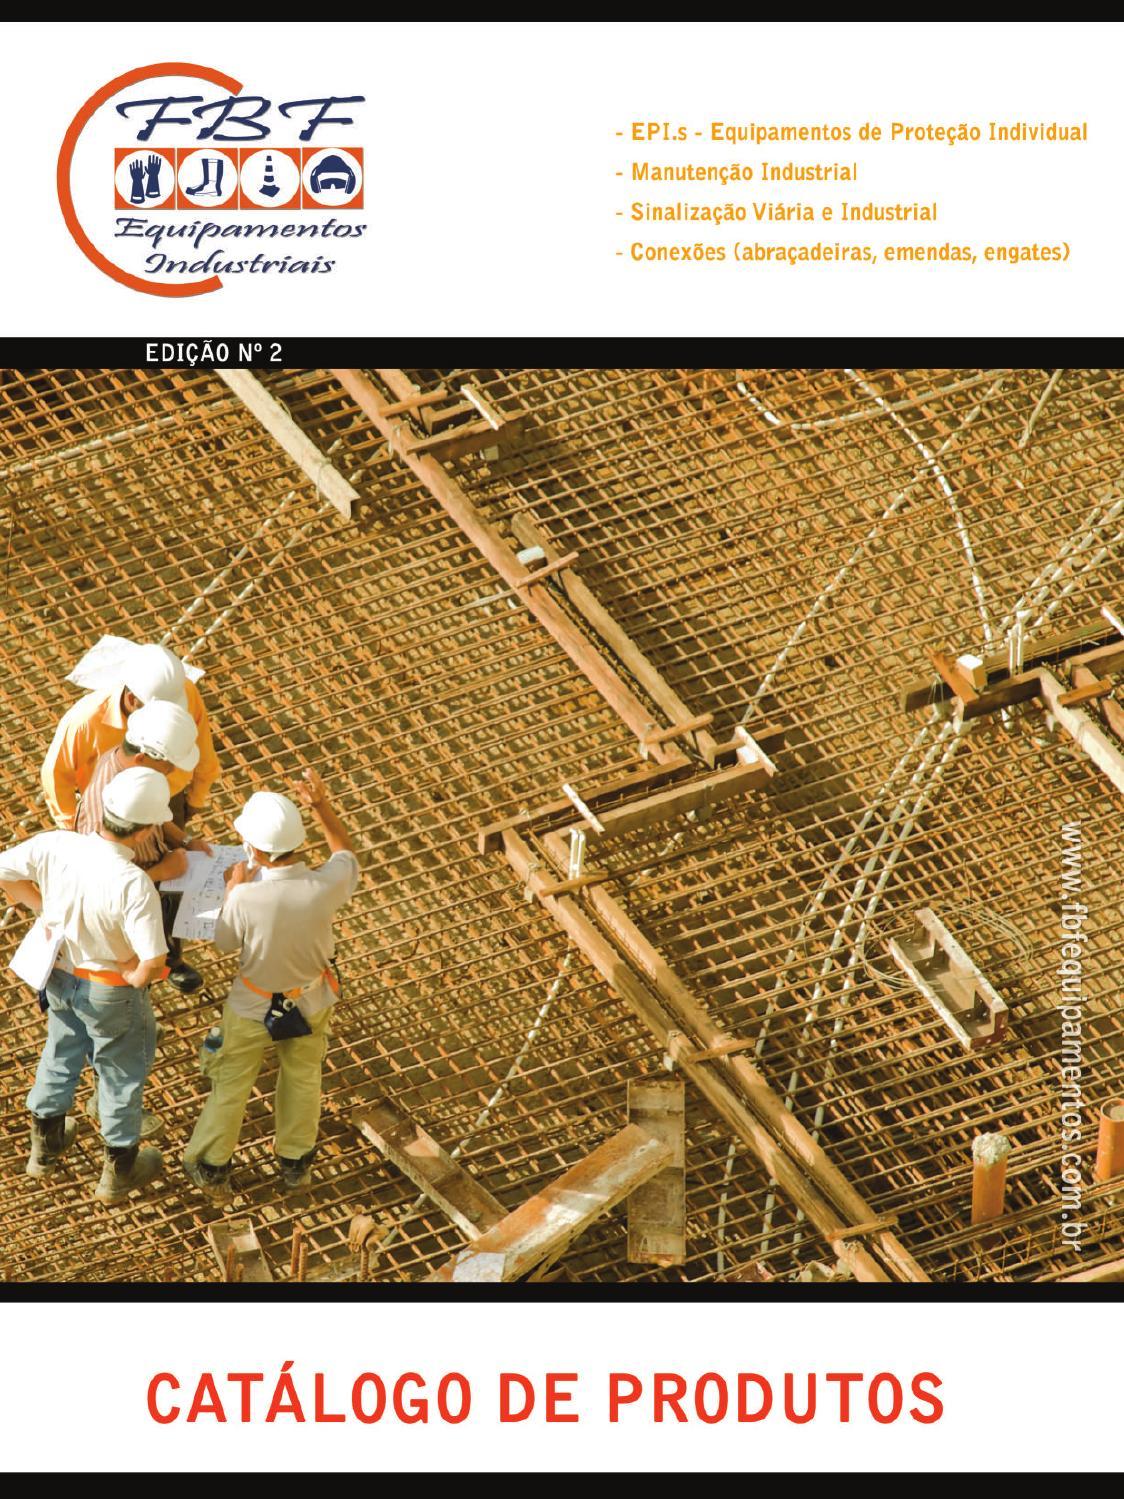 b1ebdfa0fb18b Catálogo de Produtos - FBF by NetCatalogoBr - issuu